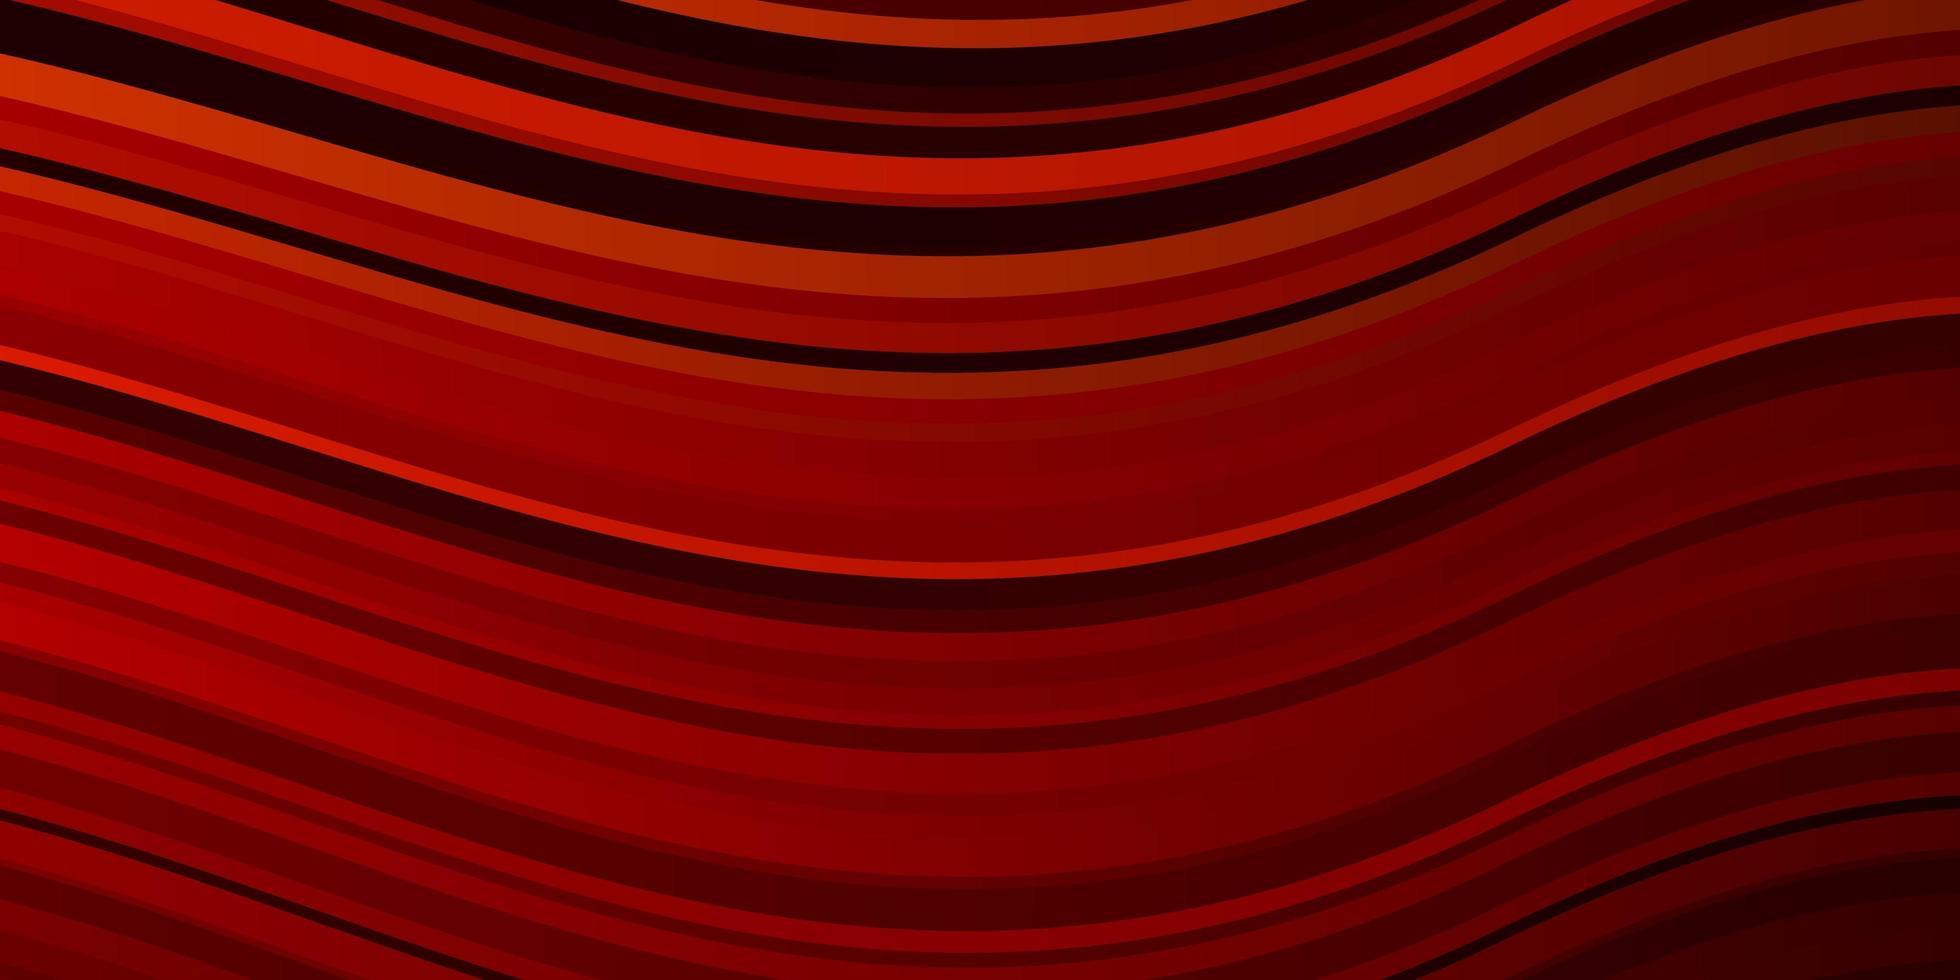 sfondo vettoriale rosso scuro con arco circolare.